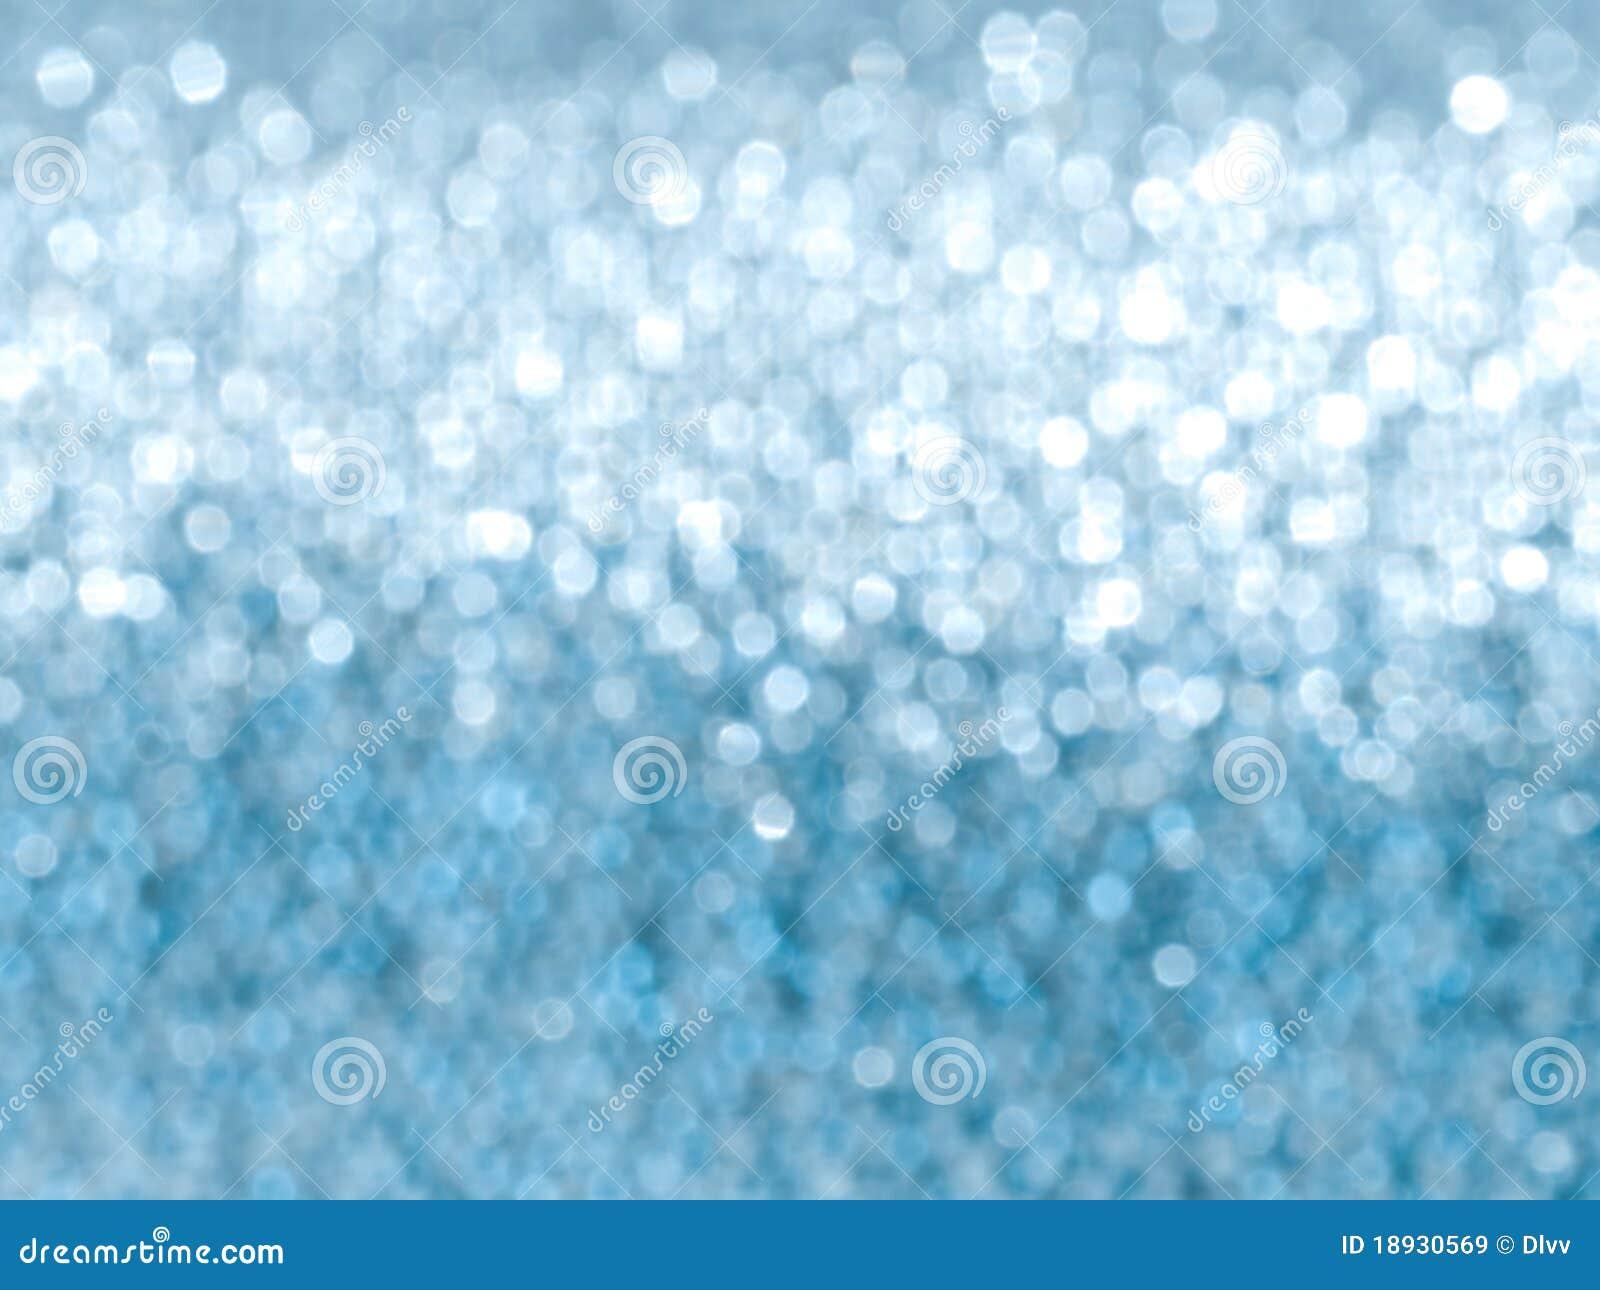 Light Blue Glitter Background